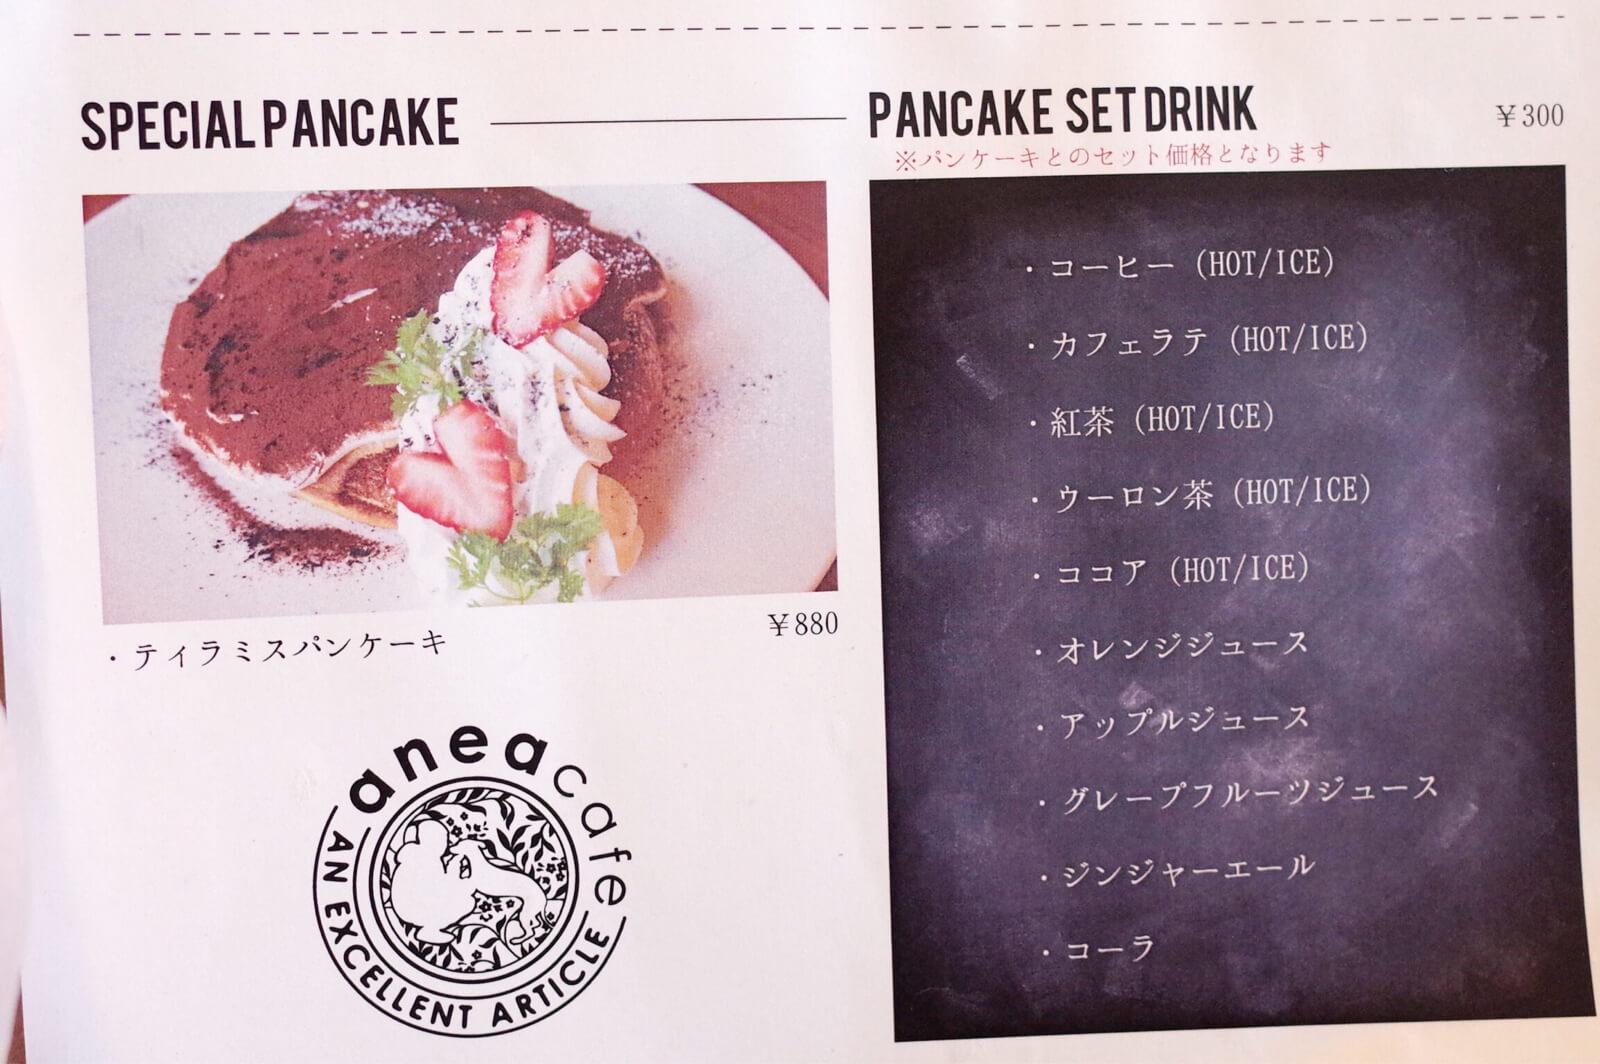 中野新橋 anea cafe パンケーキ